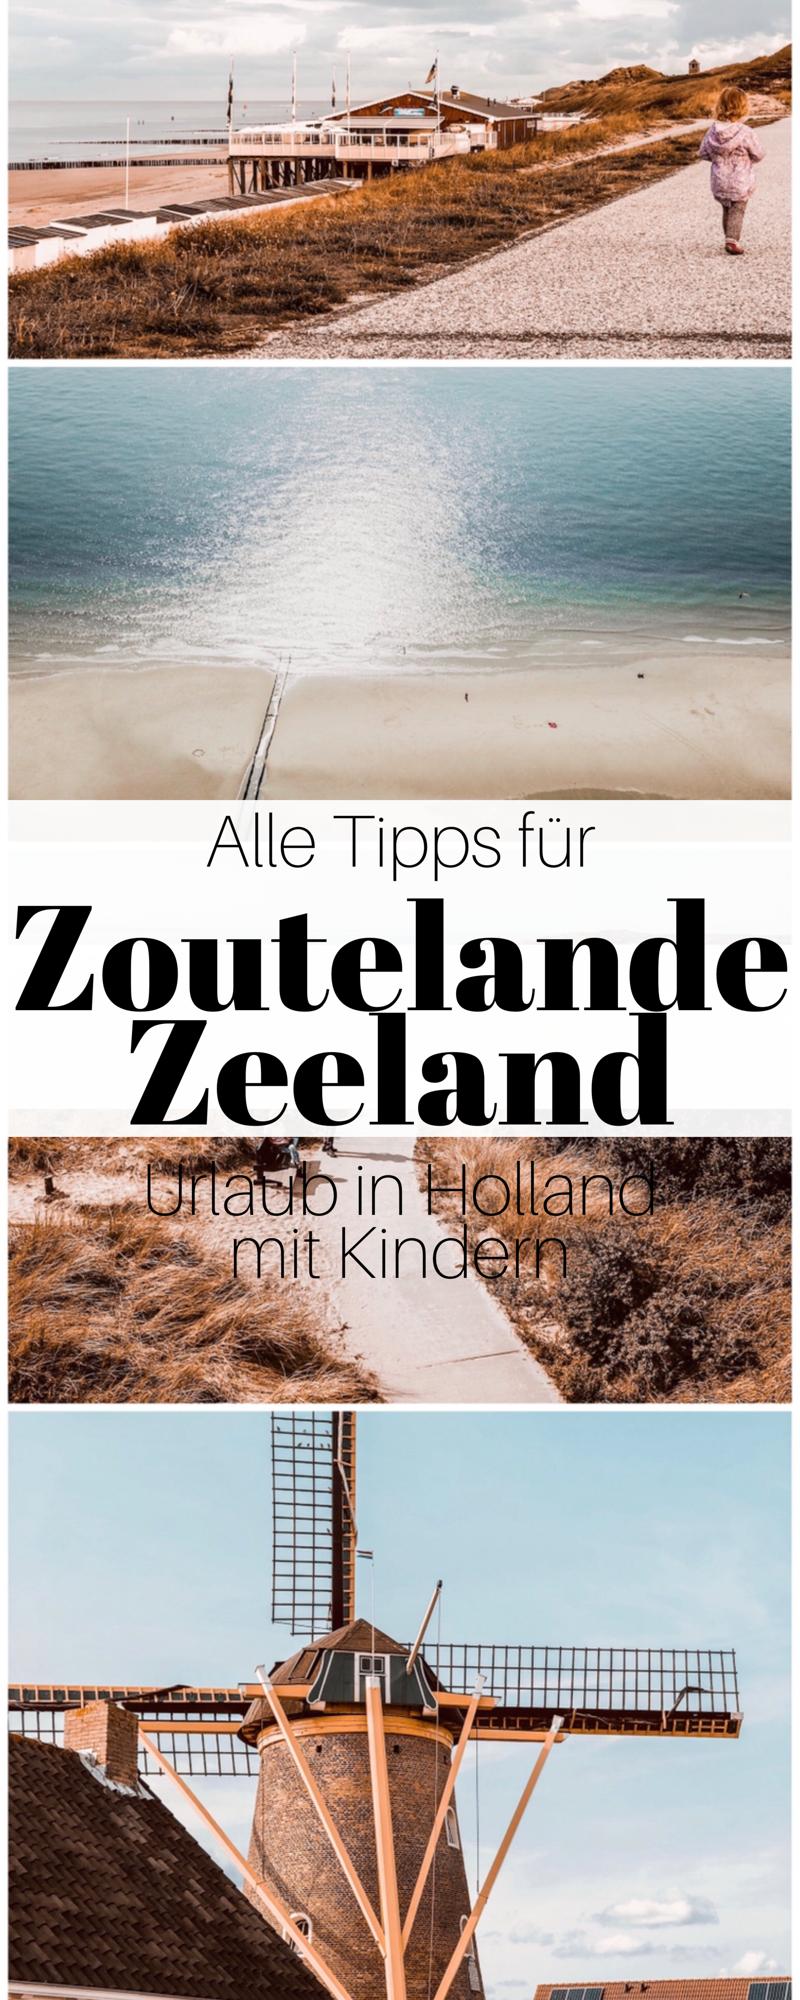 Tipps Fur Zoutelande Mit Kind Hund Unser Liebstes Ziel In Den Niederlanden In 2020 Holland Reisen Holland Strand Urlaub Urlaub Holland